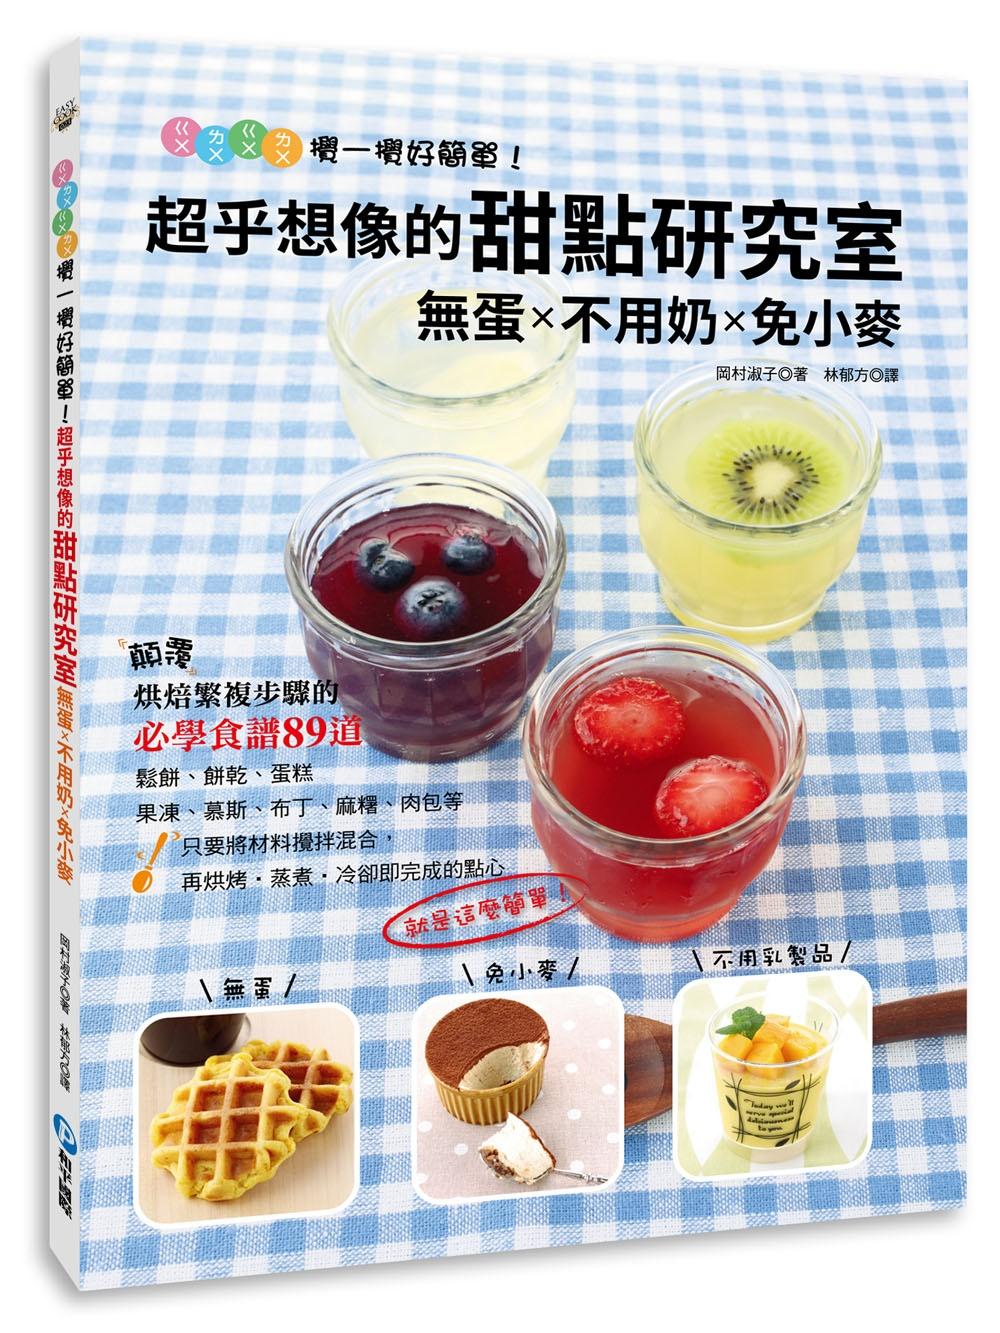 ㄍㄨㄌㄨㄍㄨㄌㄨ攪一攪好簡單^!超乎想像的甜點研究室:無蛋 × 不用奶 × 免小麥